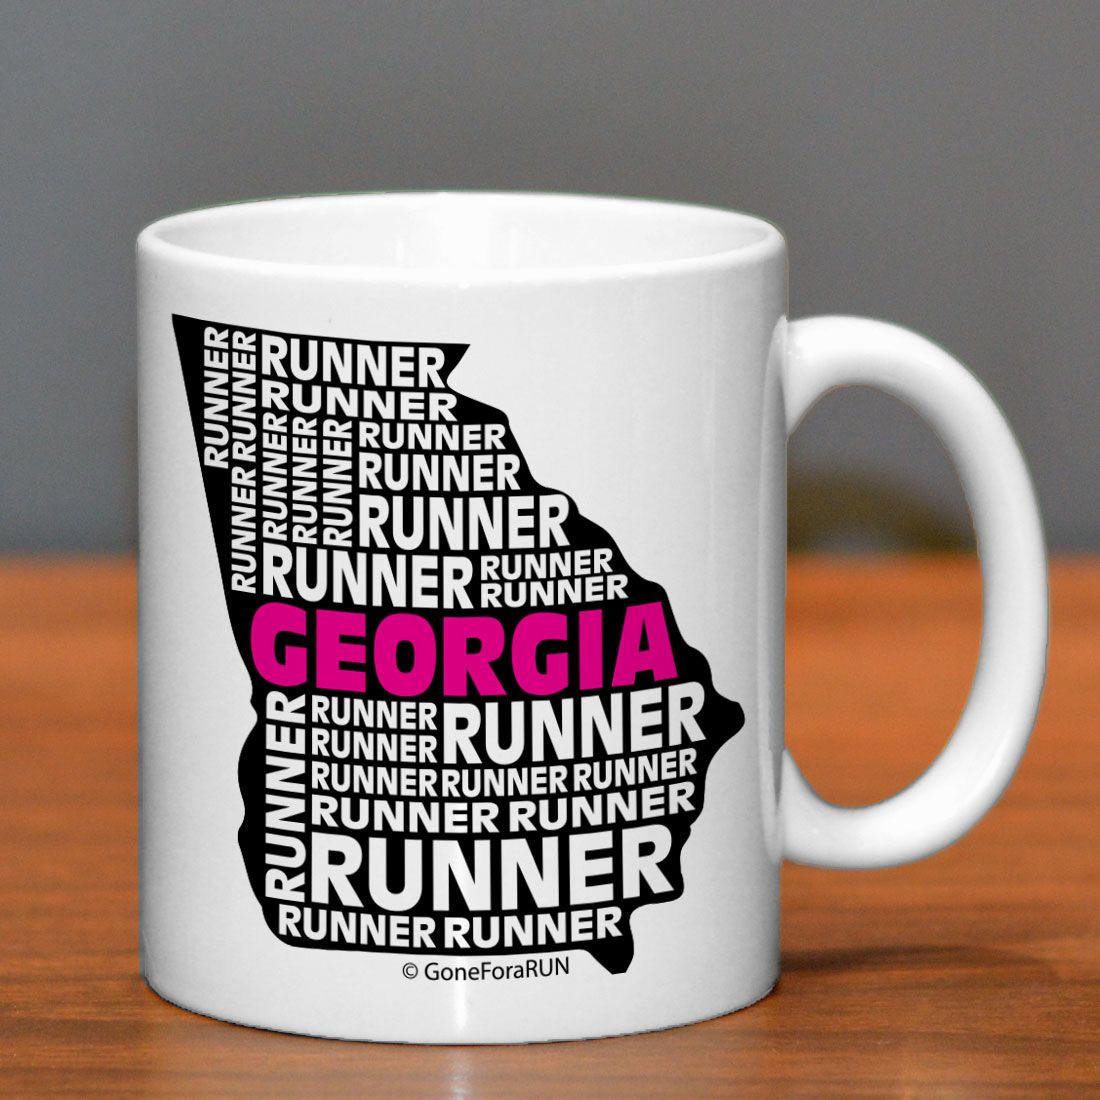 Georgia State Runner Ceramic Mug | Running Coffee Mugs | Coffee Mugs for Runners